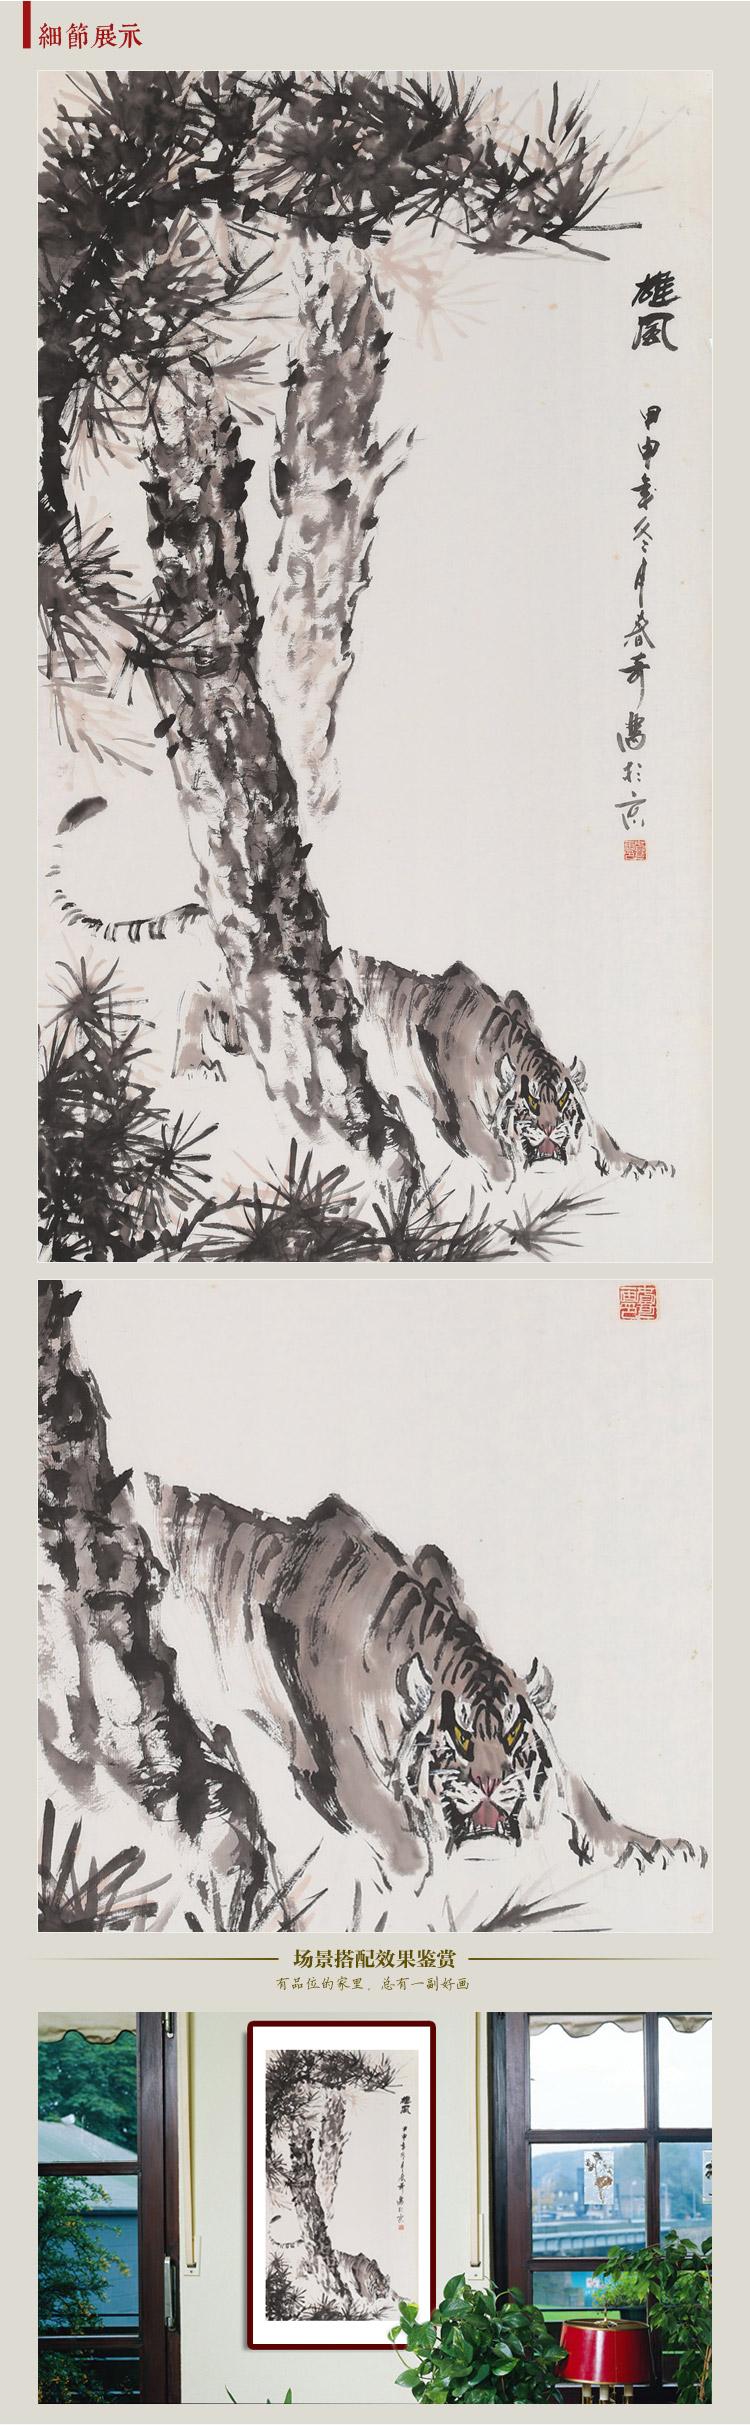 张春奇 《雄风》 传统水墨 写意动物